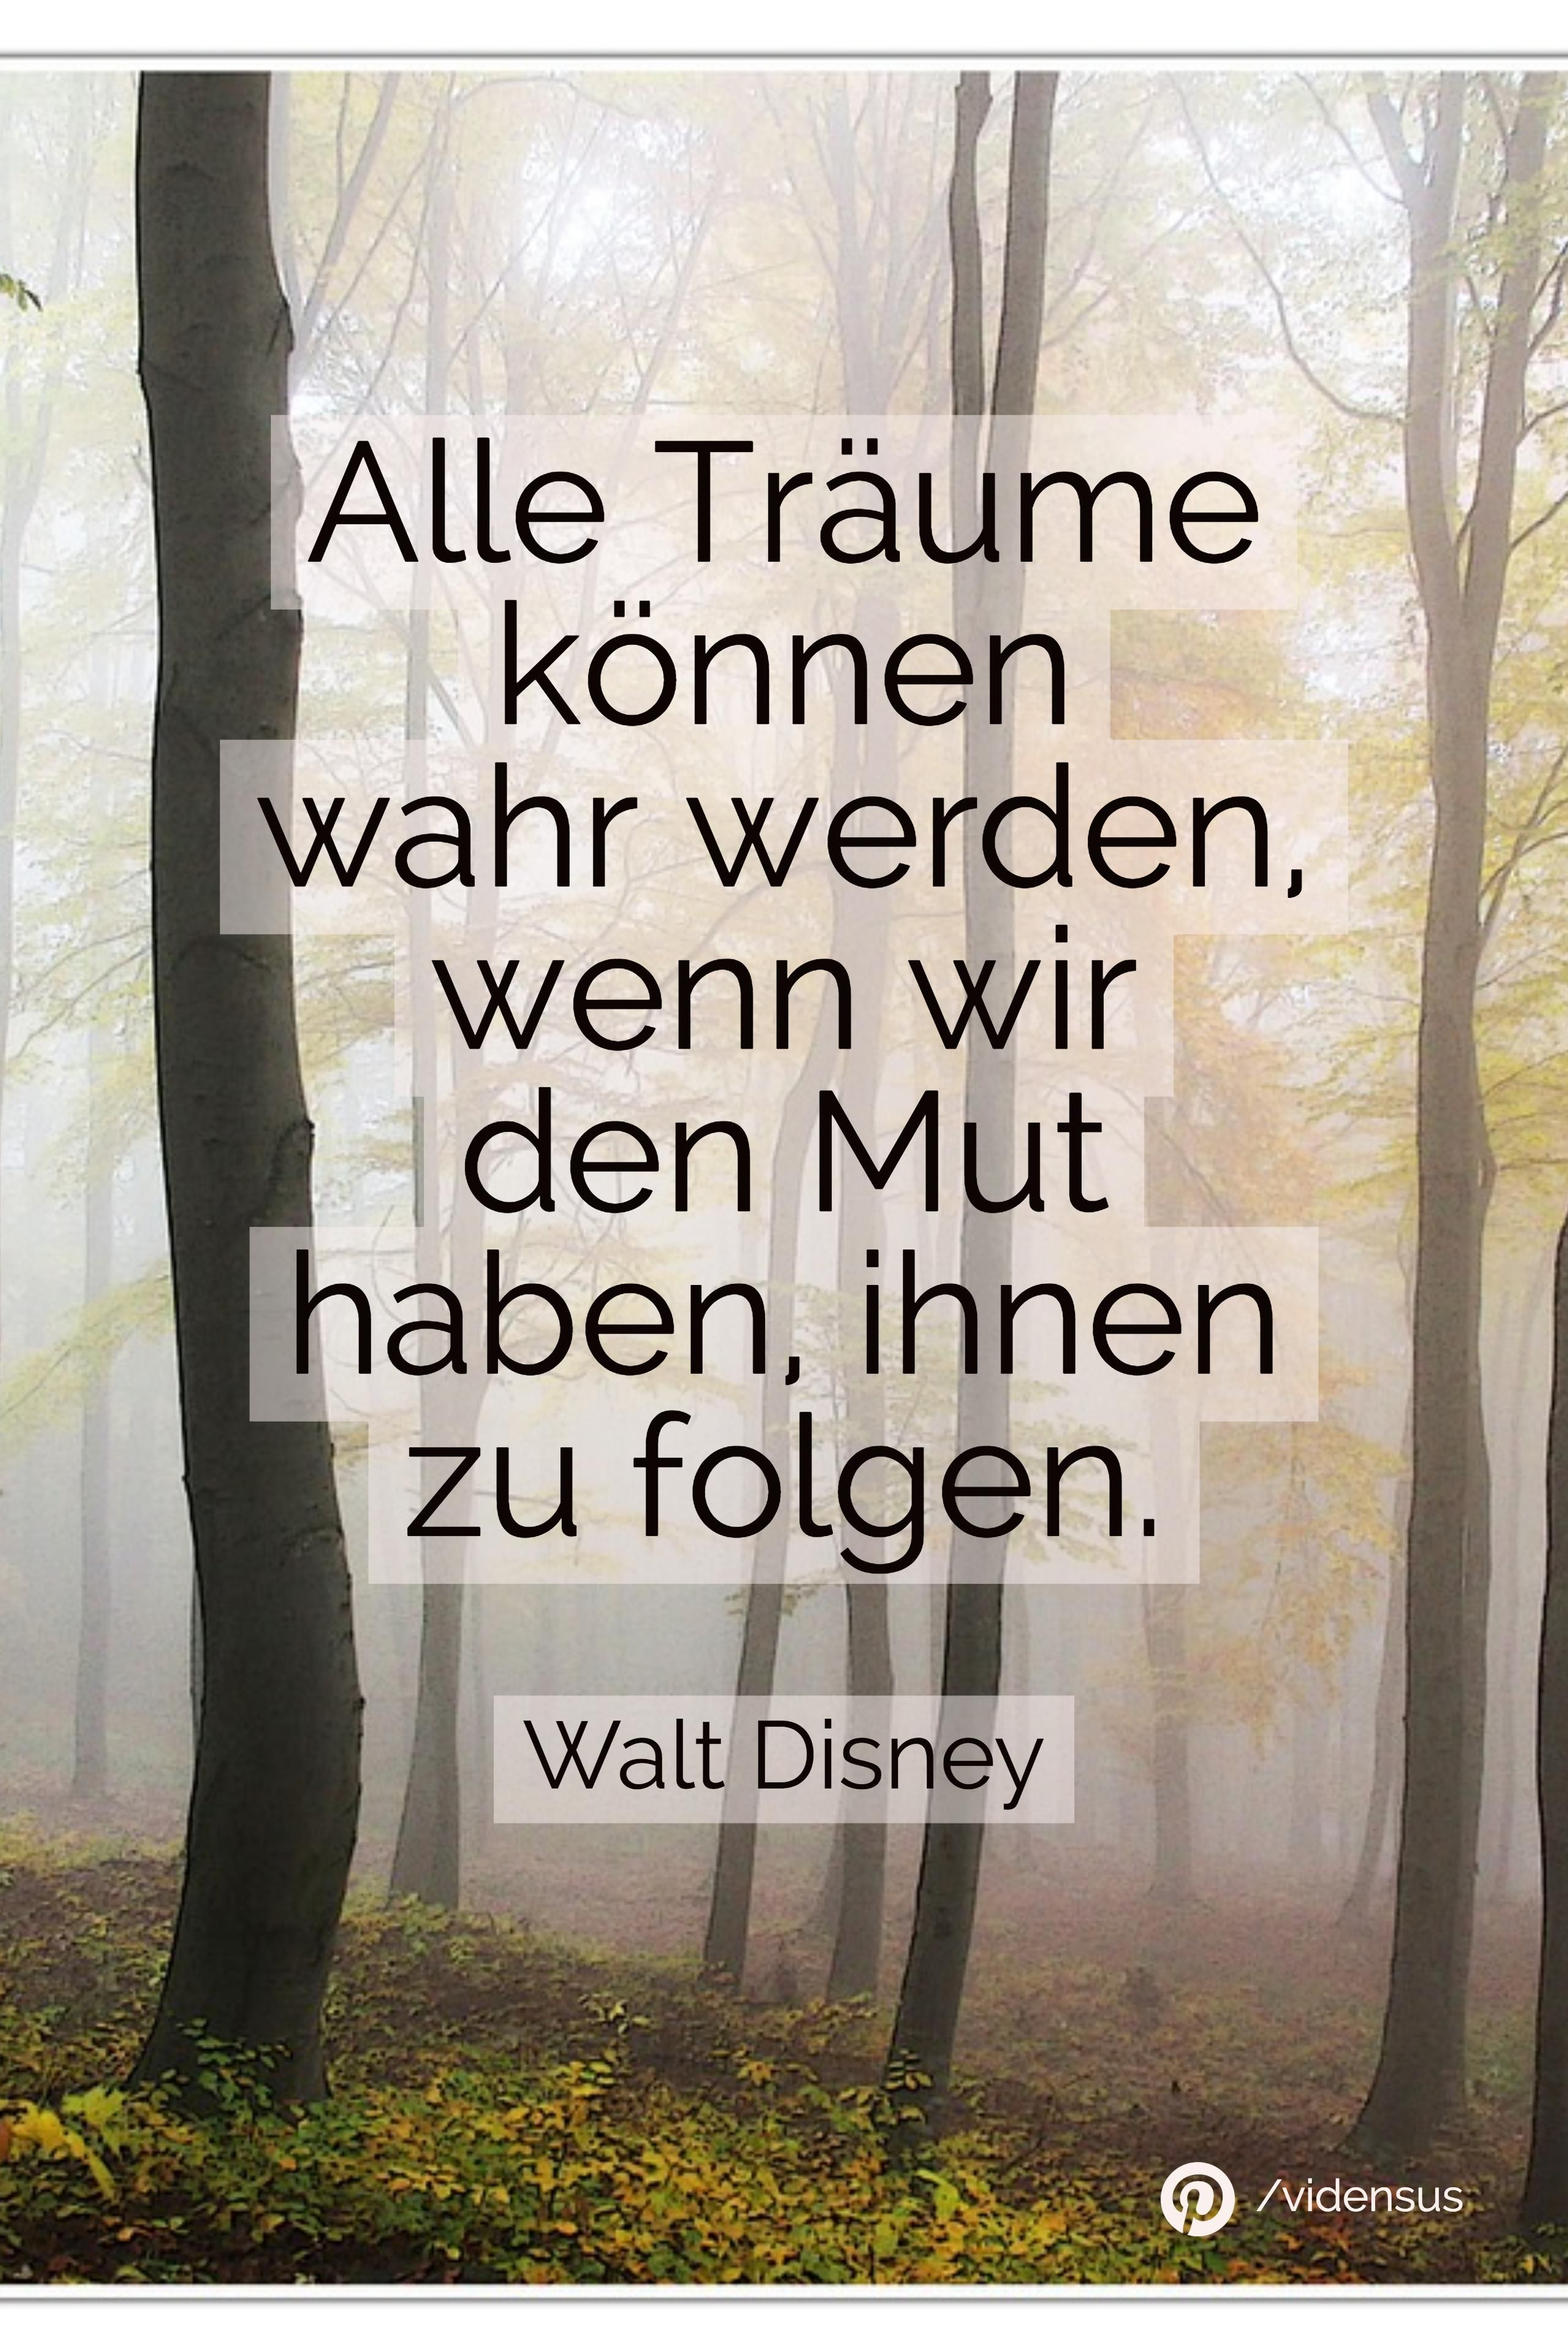 träume sprüche träume #mut #traum #sprichwort #sprüche #weisheiten | Zitate  träume sprüche